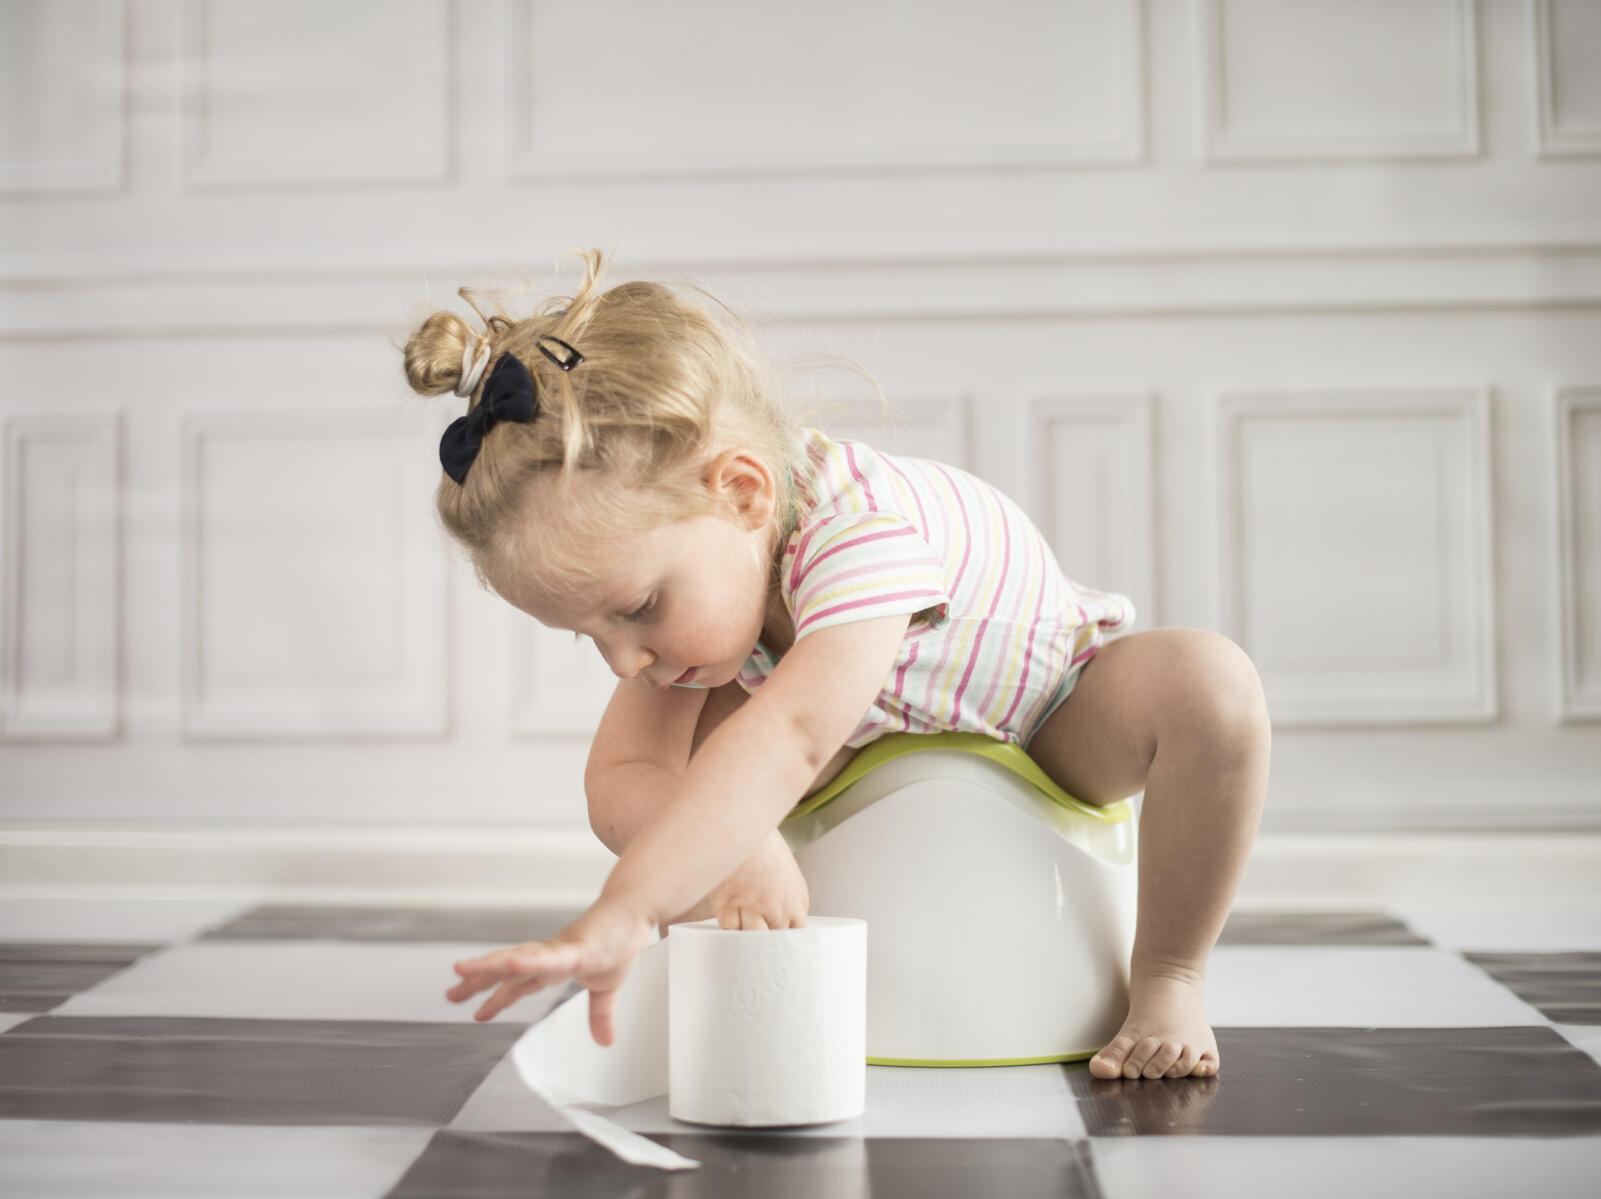 التهاب المسالك البولية عند الطفل .. غياب الرعاية الصحية وقلة شرب المياه